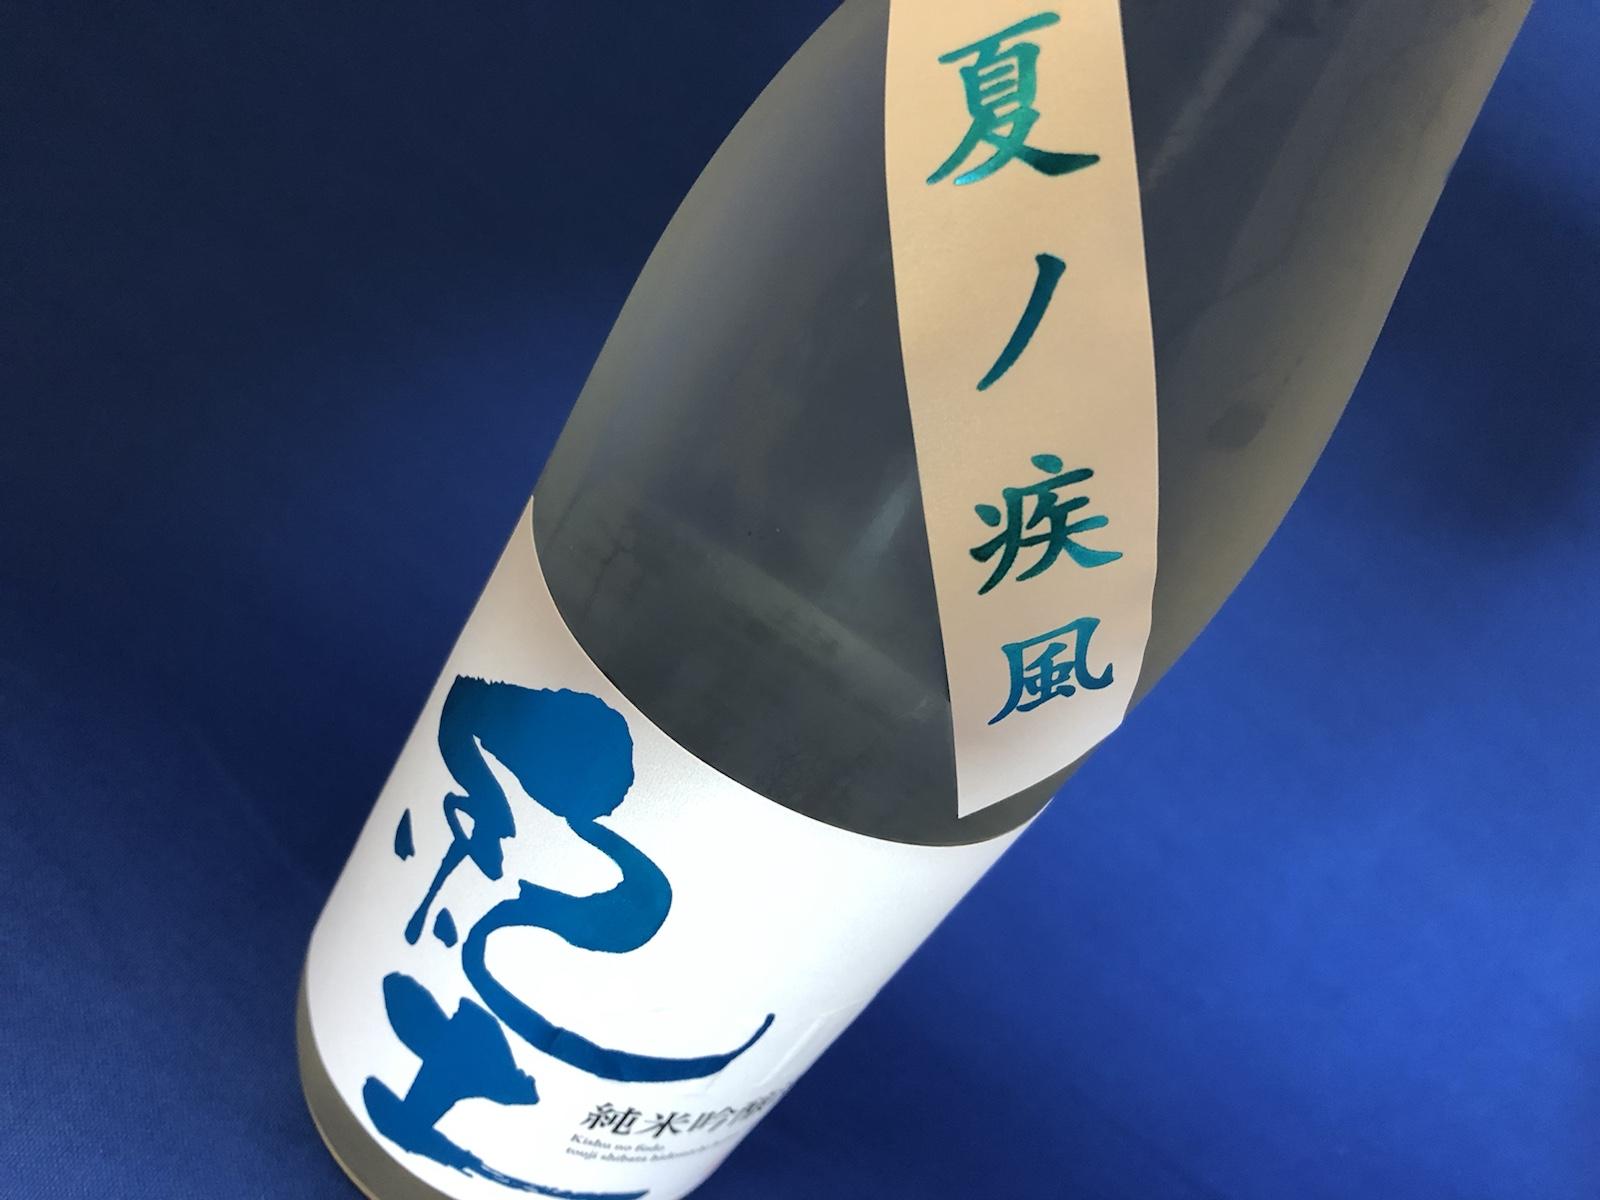 吹き抜ける爽快な酸味と吟醸香。紀土「夏ノ疾風」純米吟醸